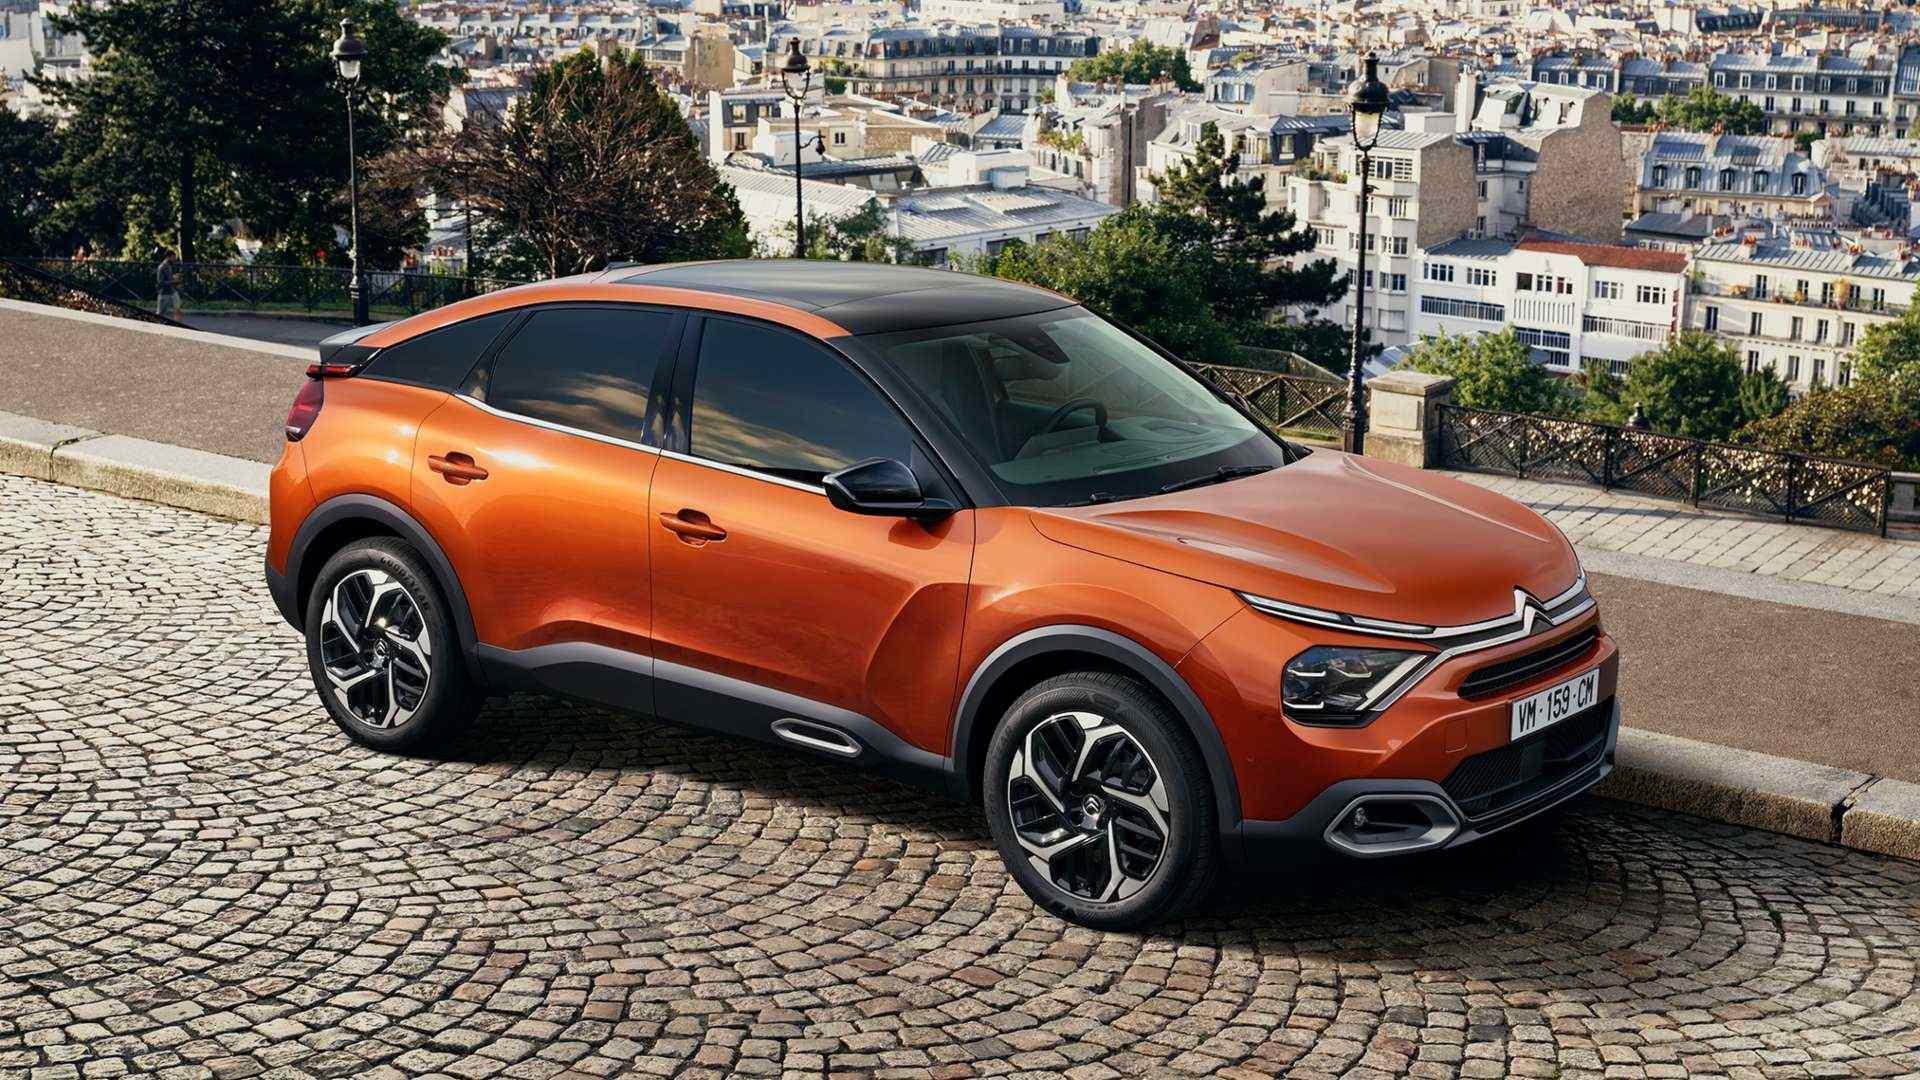 Te contamos todos los detalles del nuevo Citroën C4